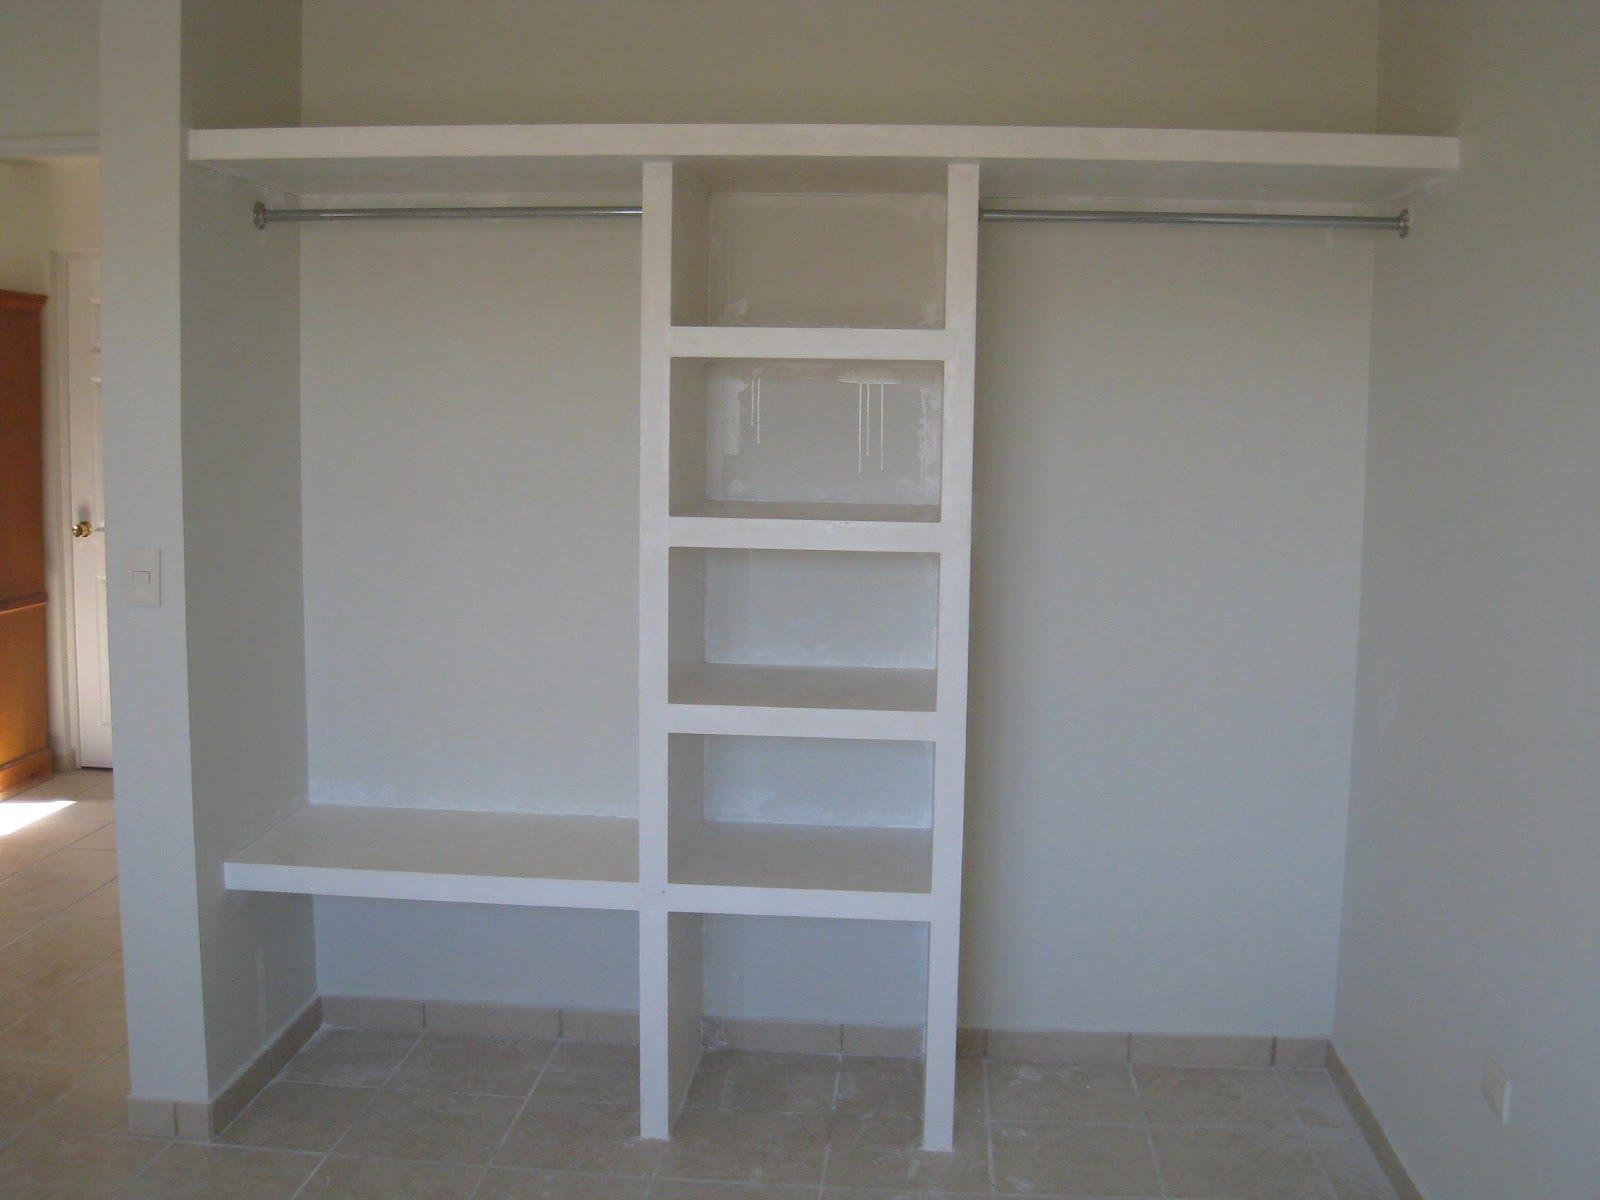 1600 1200 closet para espacios peque os - Armarios espacios pequenos ...